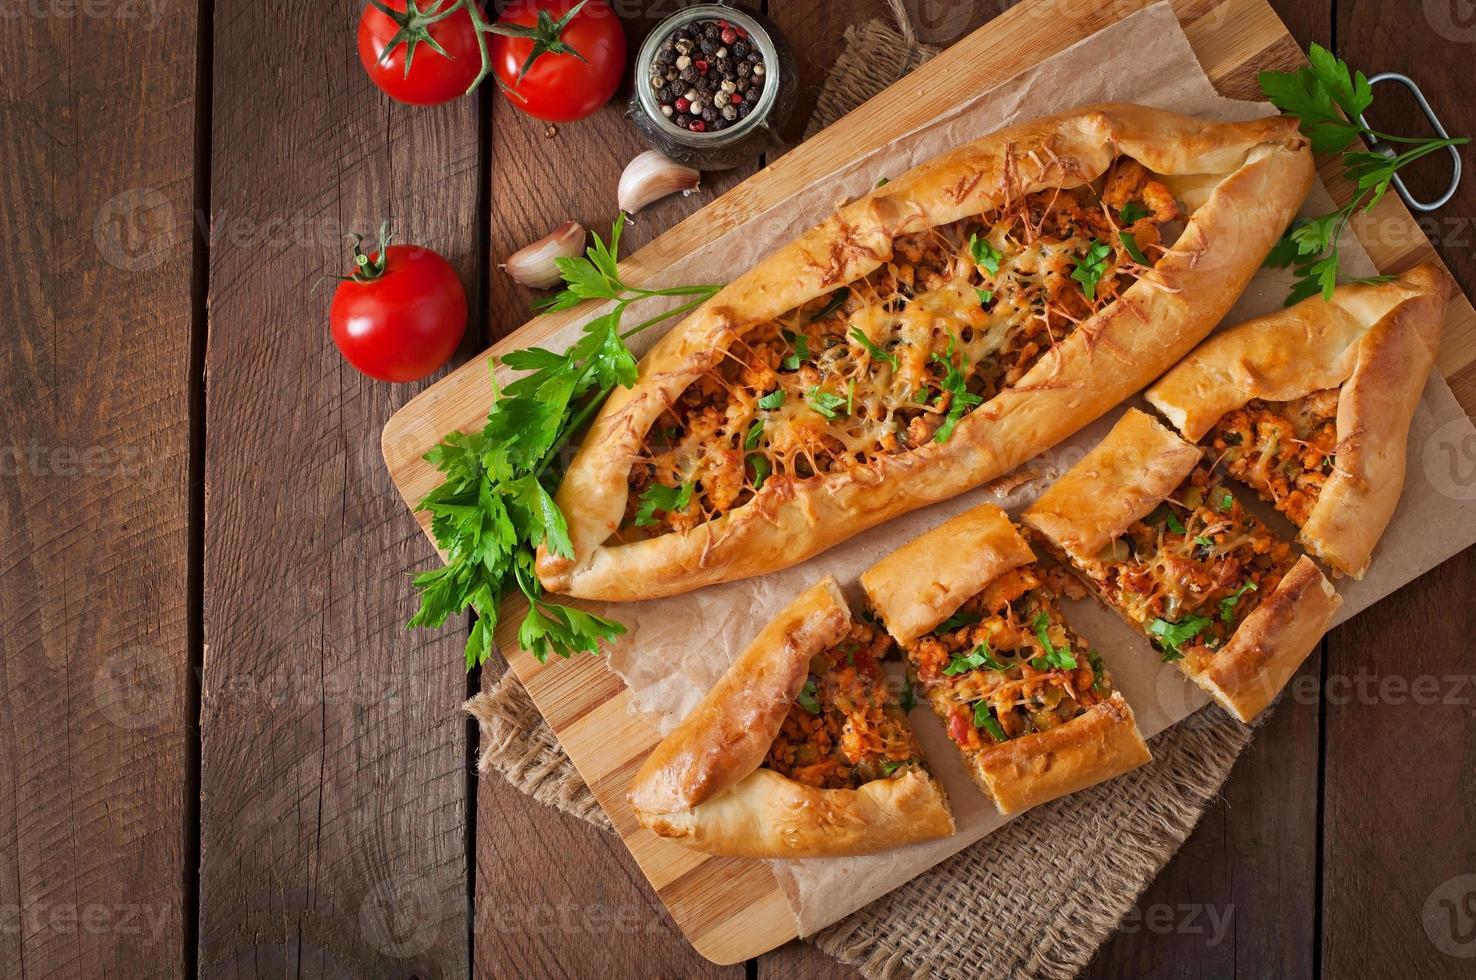 pide turc cuisine traditionnelle avec boeuf et légumes photo